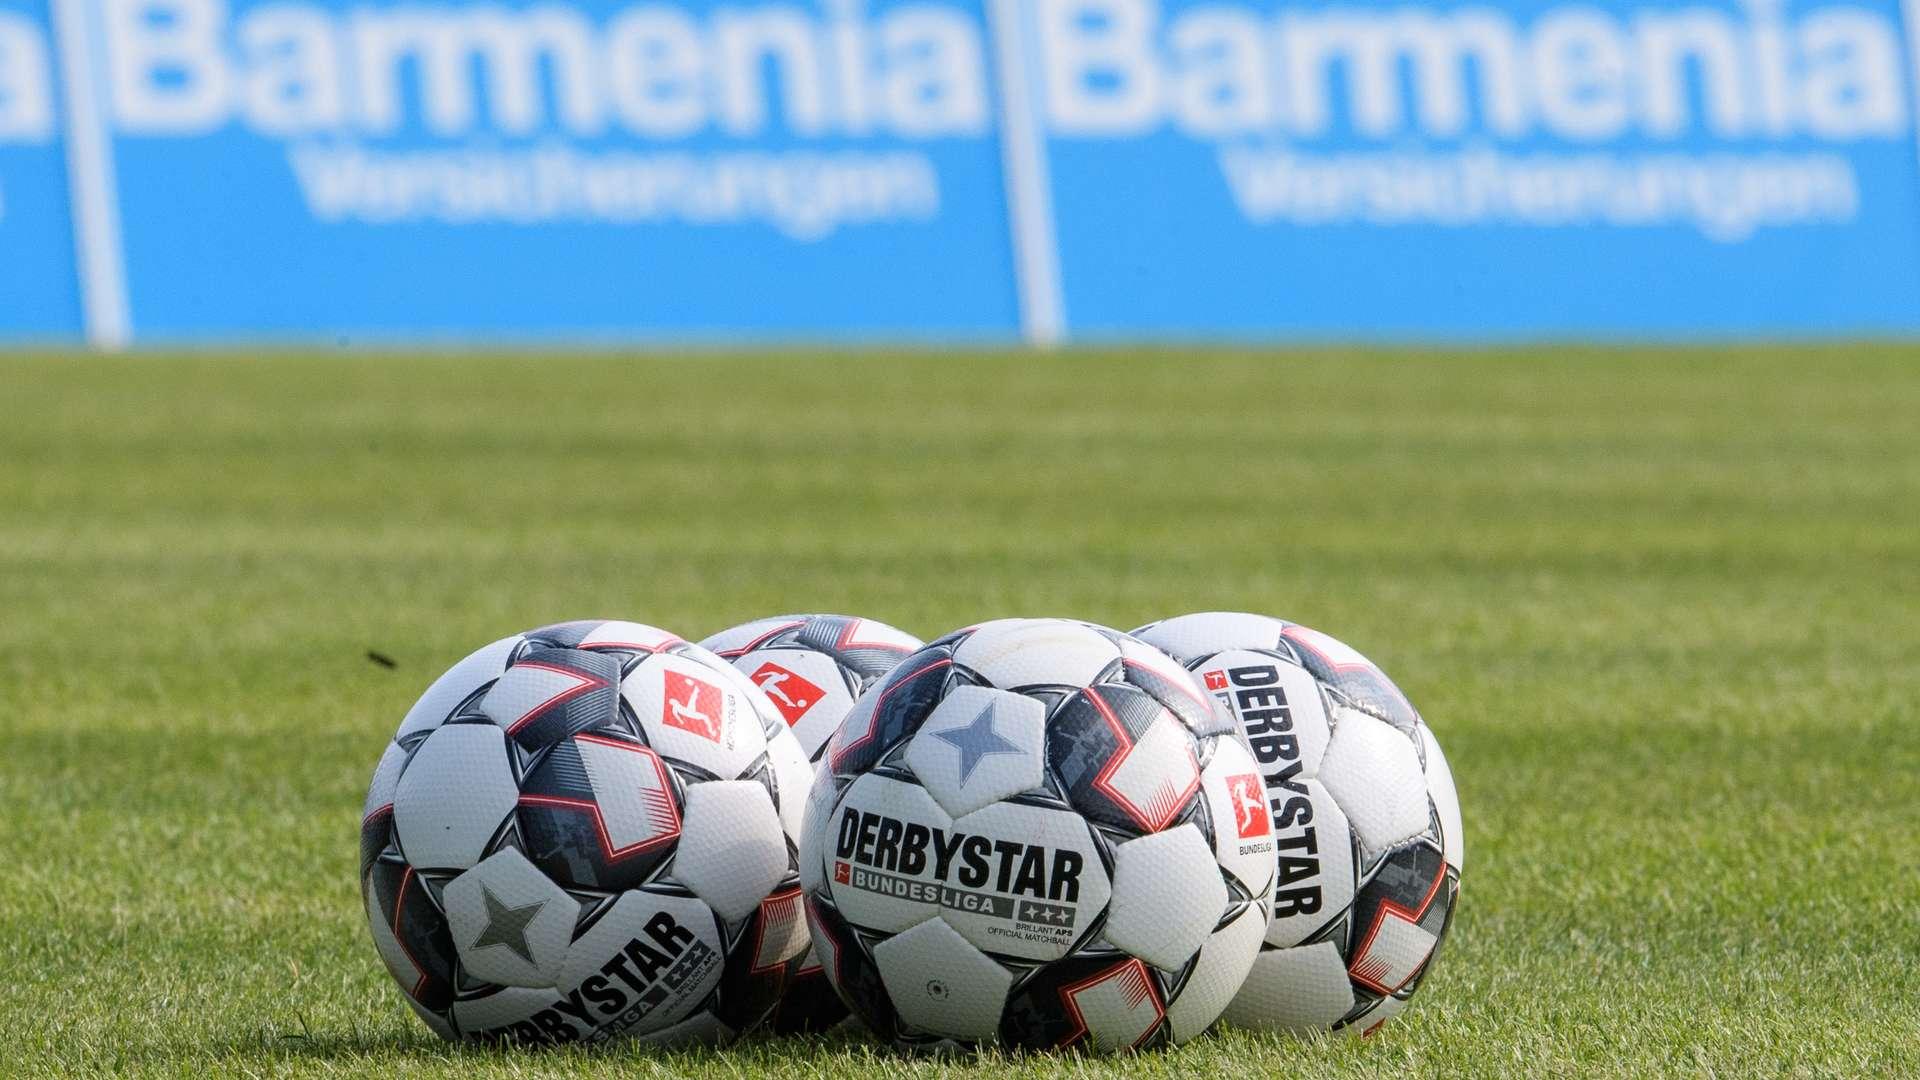 Bundesliga Calendario.La Dfl Anuncia El Calendario Para La Temporada 2019 20